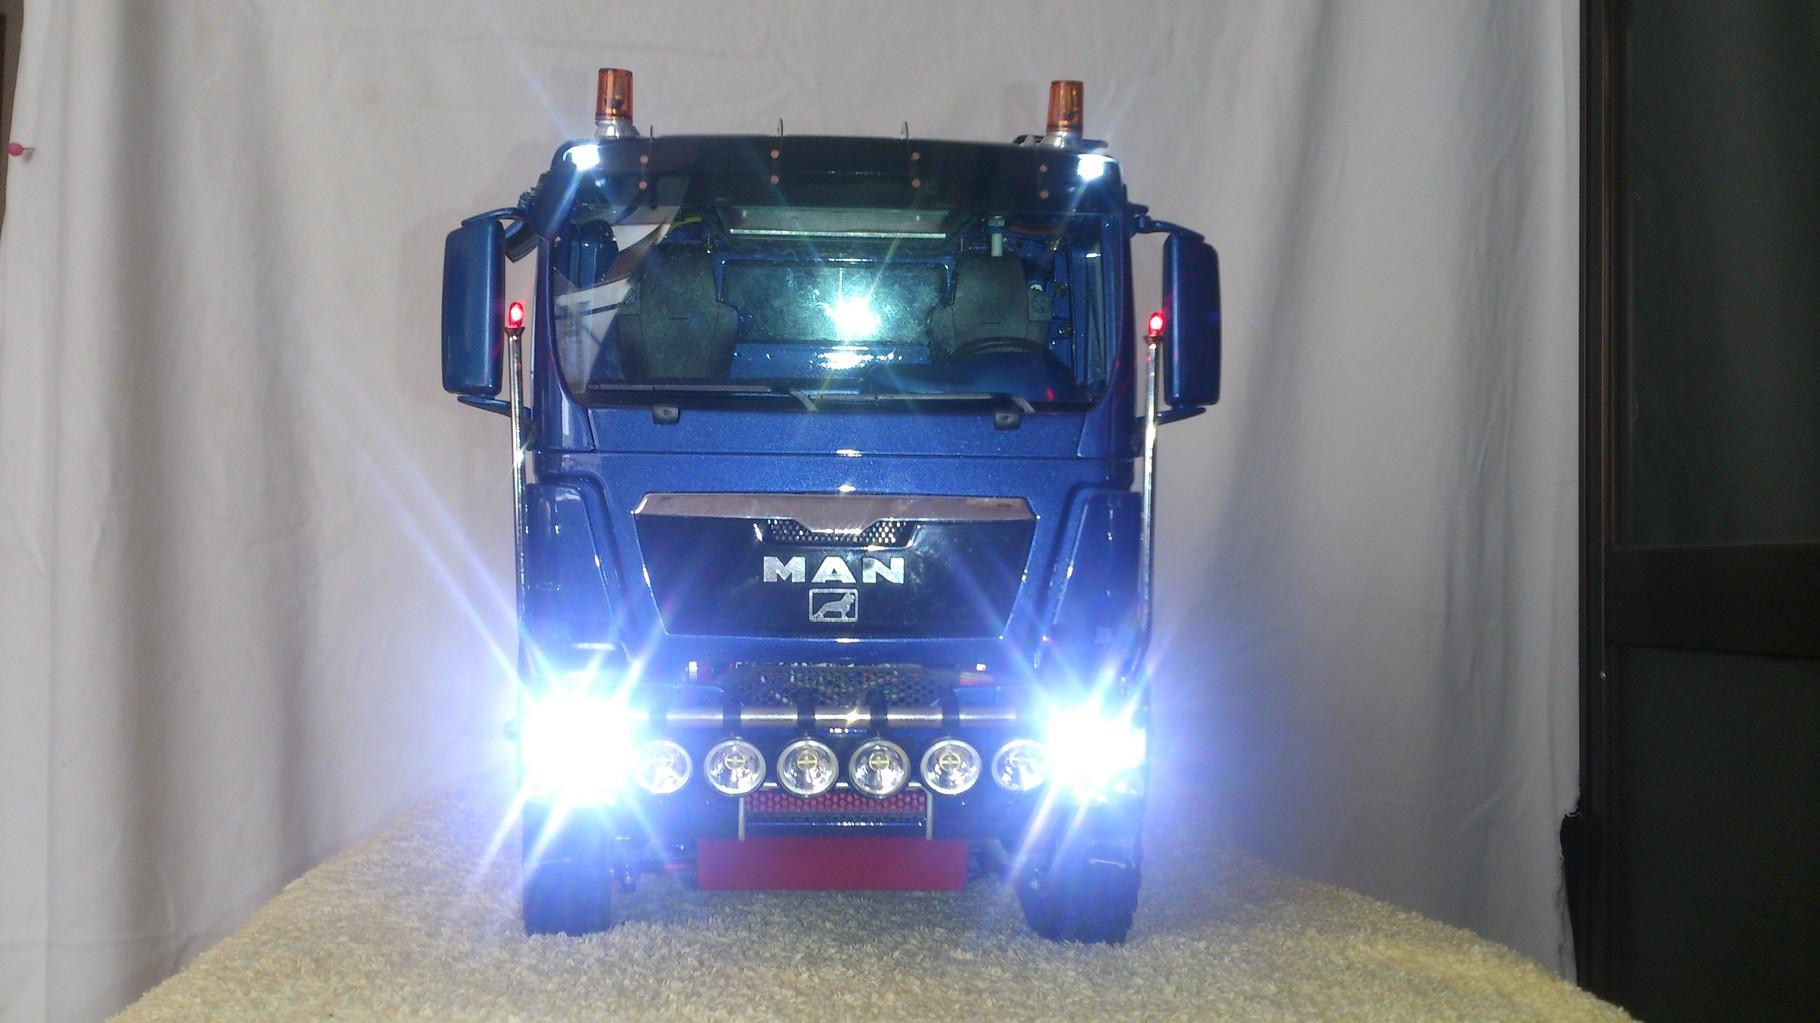 ScaleART MAN TGS ハーフパイプダンプトラック_ロービームとハイビーム点灯